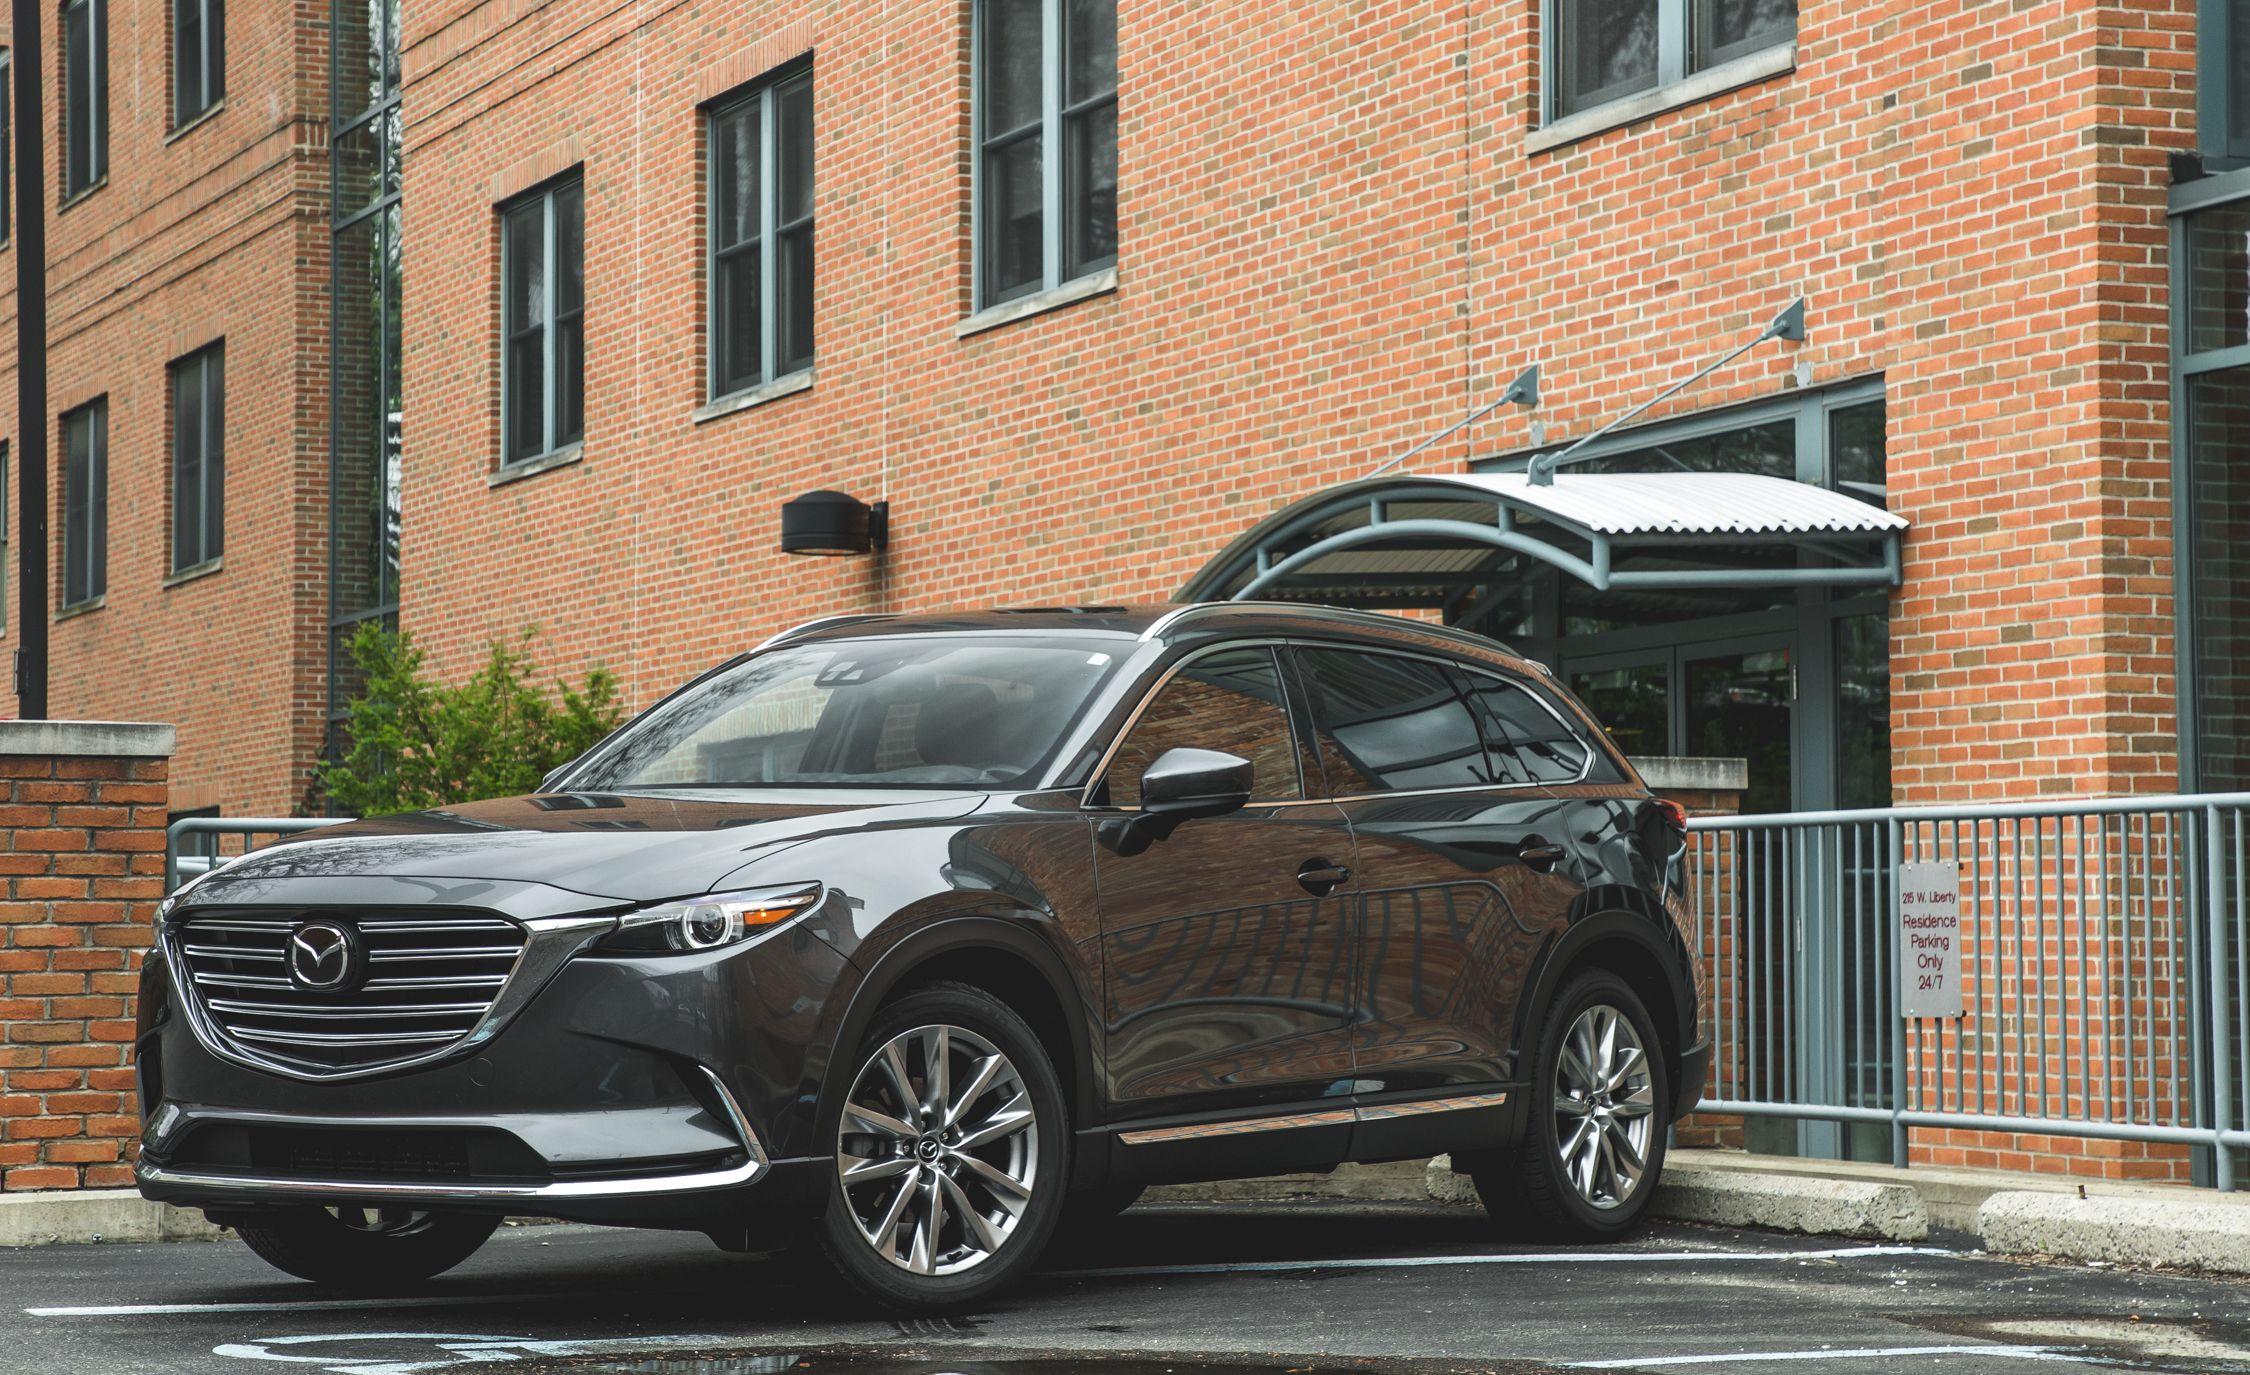 2019 Mazda Cx 9 Reviews Mazda Cx 9 Price Photos And Specs Car